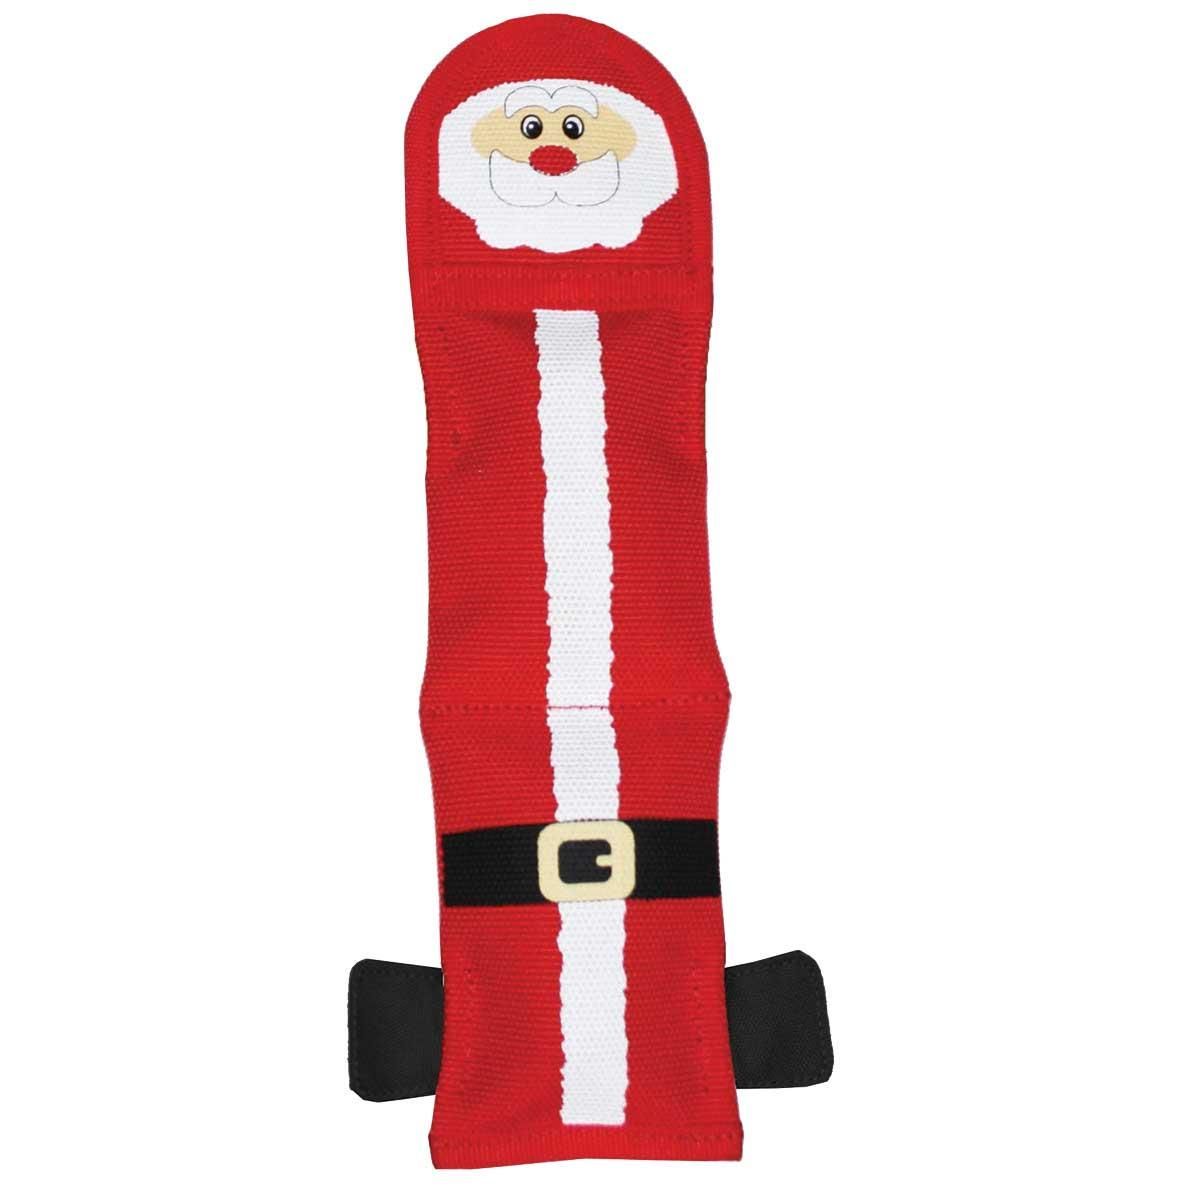 Outward Hound Fire Biterz Santa - Medium Size